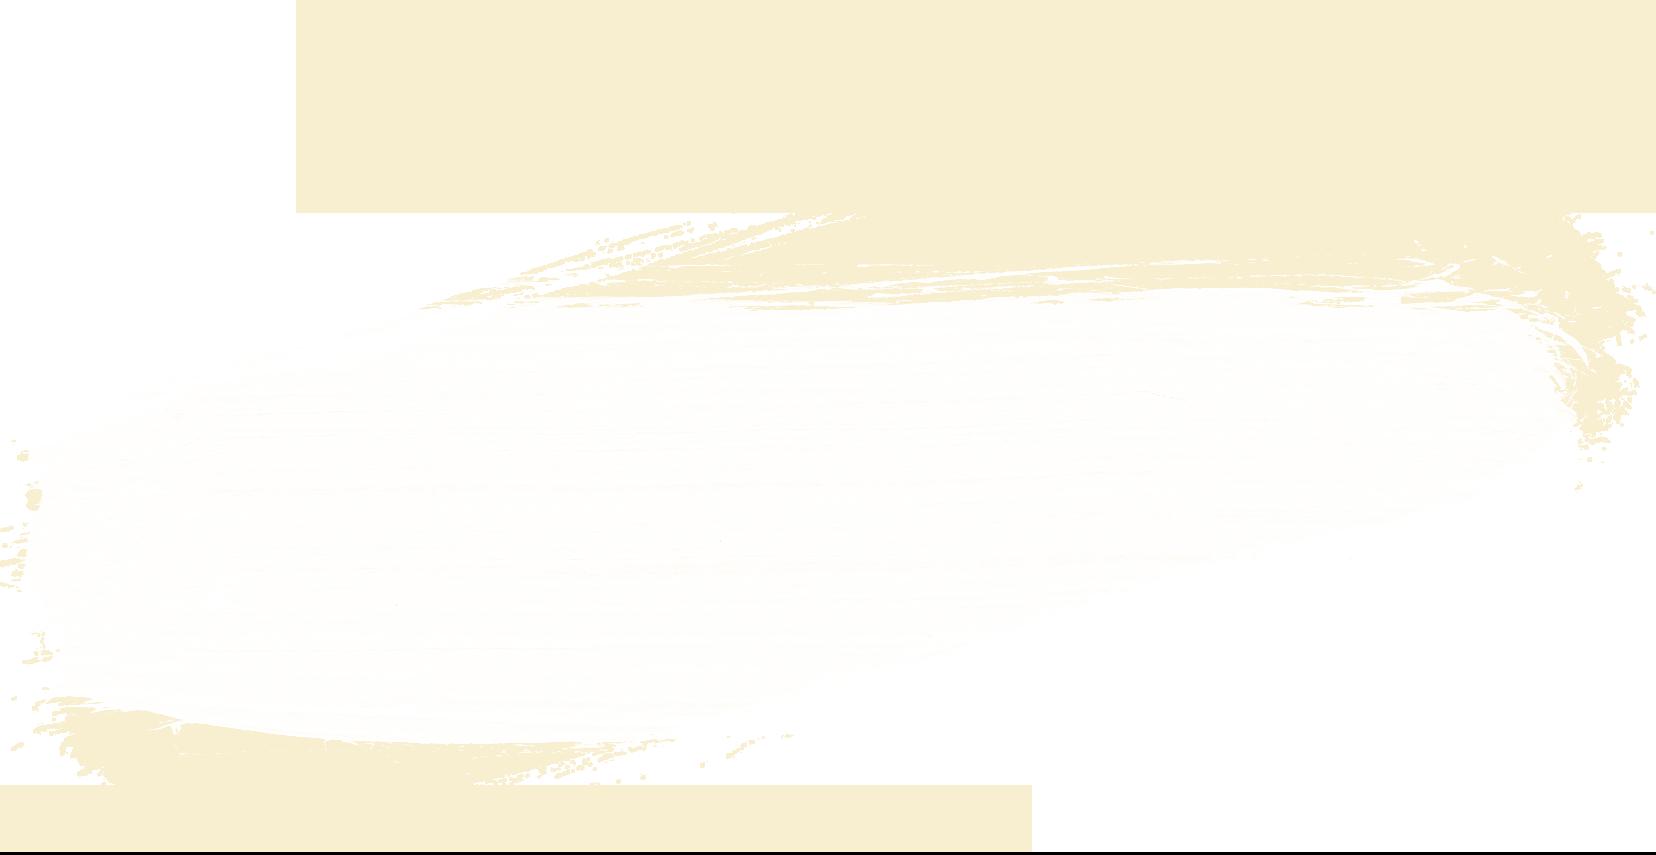 https://www.artisteotaller.com/wp-content/uploads/2021/01/tachado-big3.png